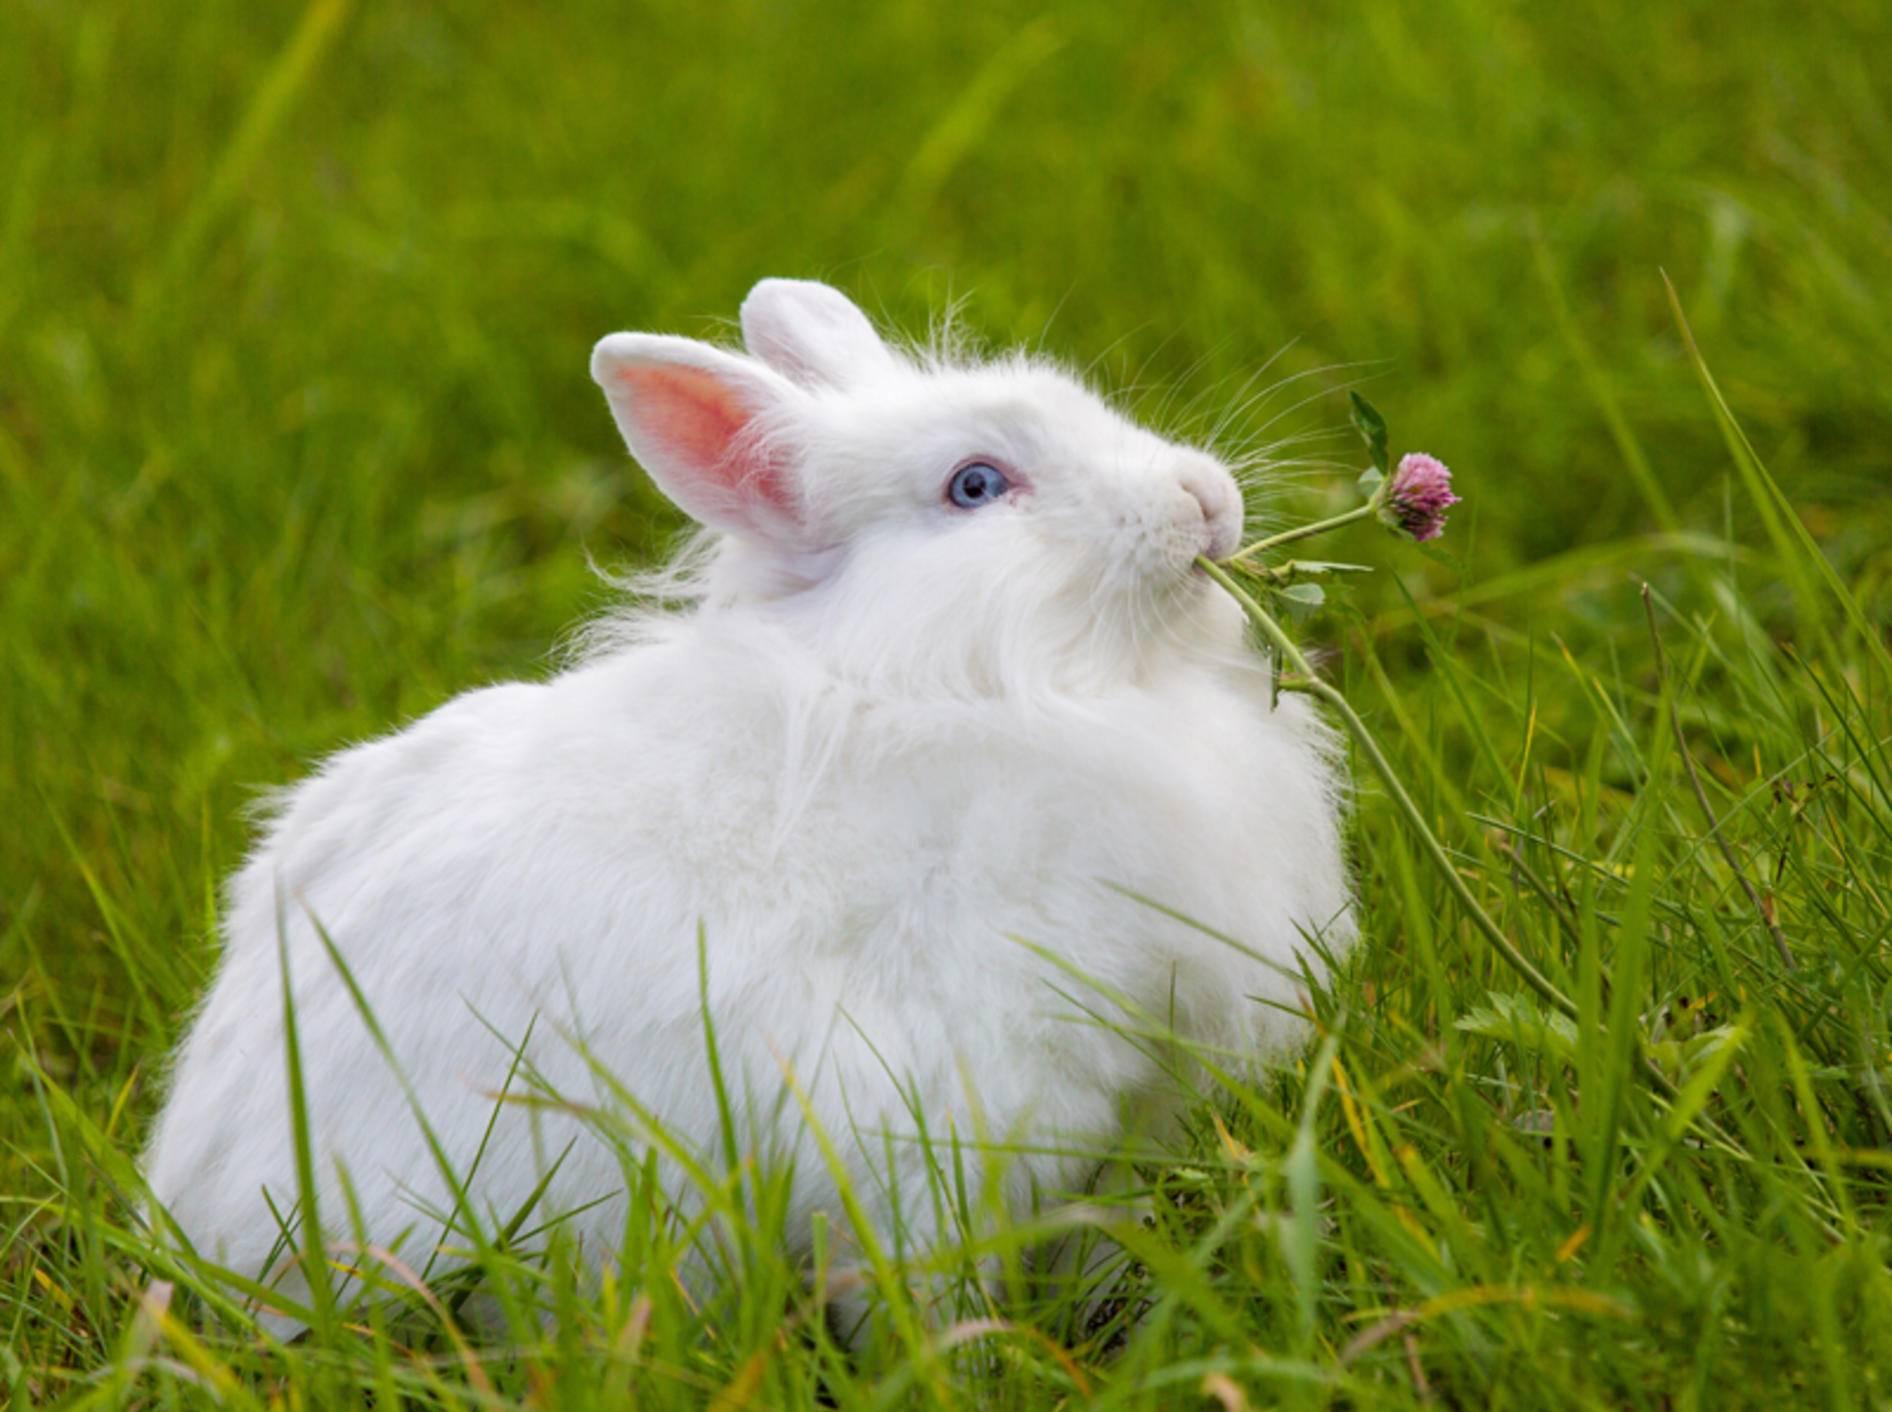 """""""Om-nom-nom, ist das lecker"""", findet dieses Kaninchen auf der grünen Wiese – Shutterstock / Sergey Kudryavtsev"""